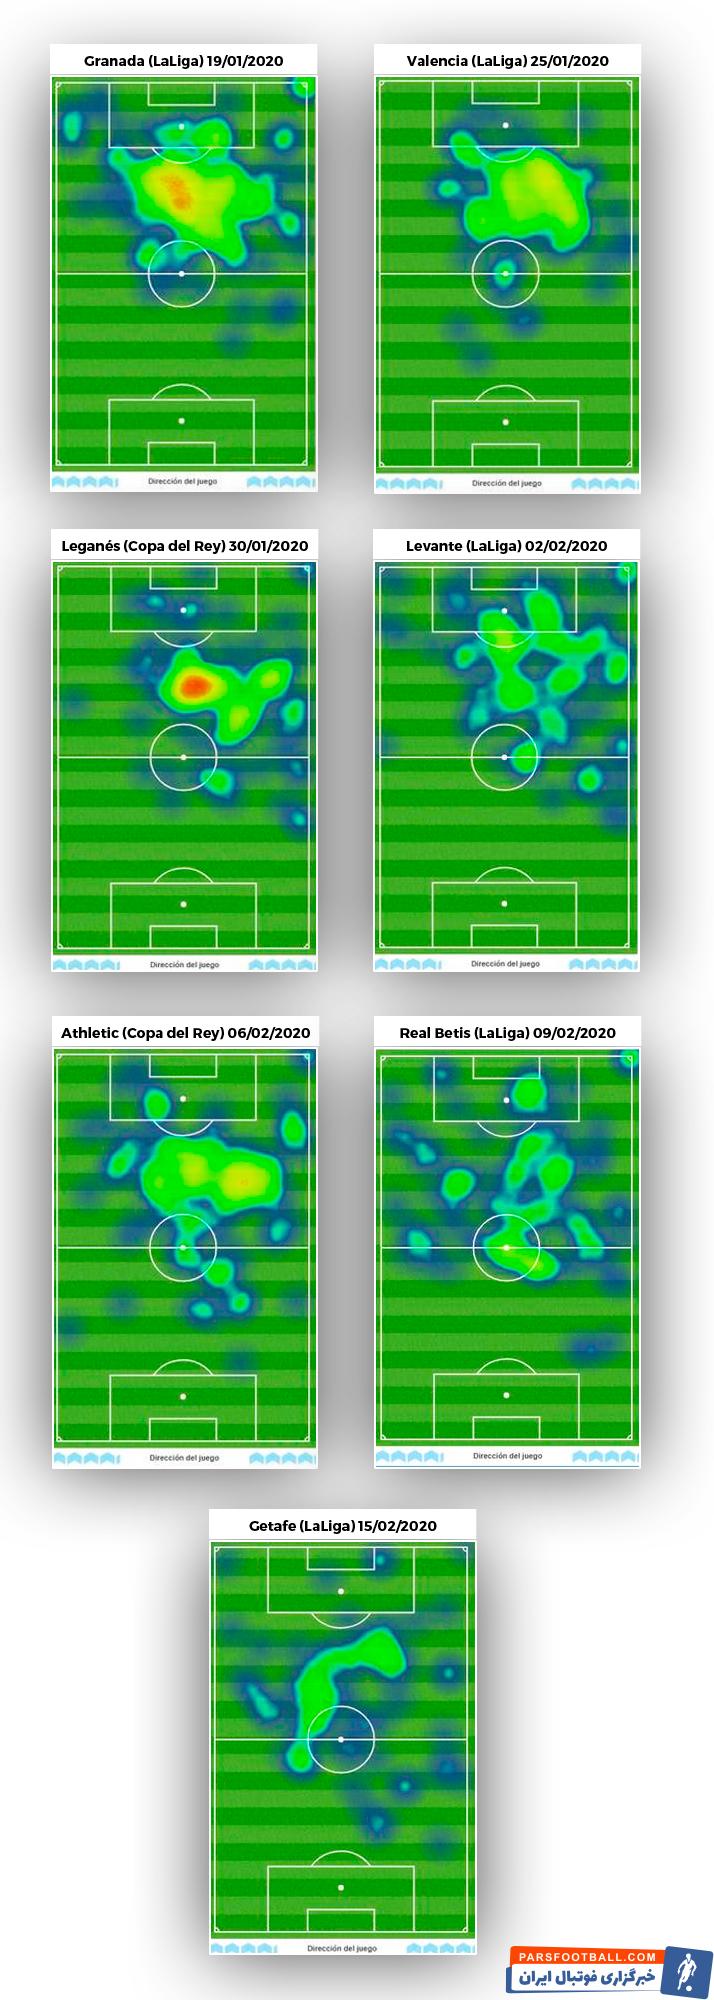 به نقل از مارکا، لیونل مسی 4 بازی است که برای بارسا گل نزده و از 31 شوت او که 15 تایش در چارچوب بوده، هیچکدام راهی به دروازه پیدا نکرده اند.